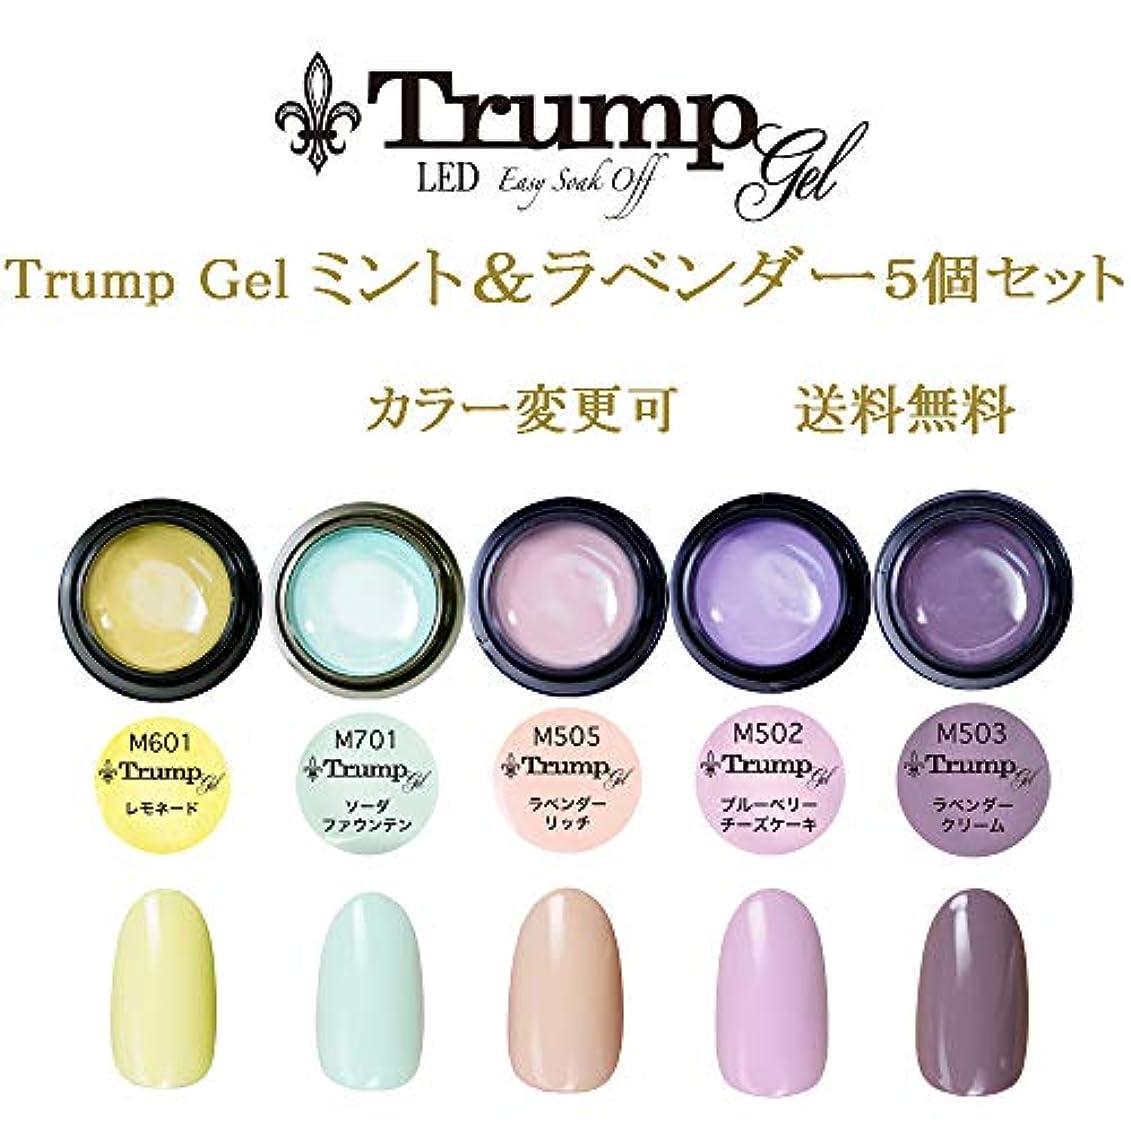 それ貫入特別に【送料無料】日本製 Trump gel トランプジェル ミント&ラベンダー 選べる カラージェル 5個セット ラベンダー ベージュ ミントカラー